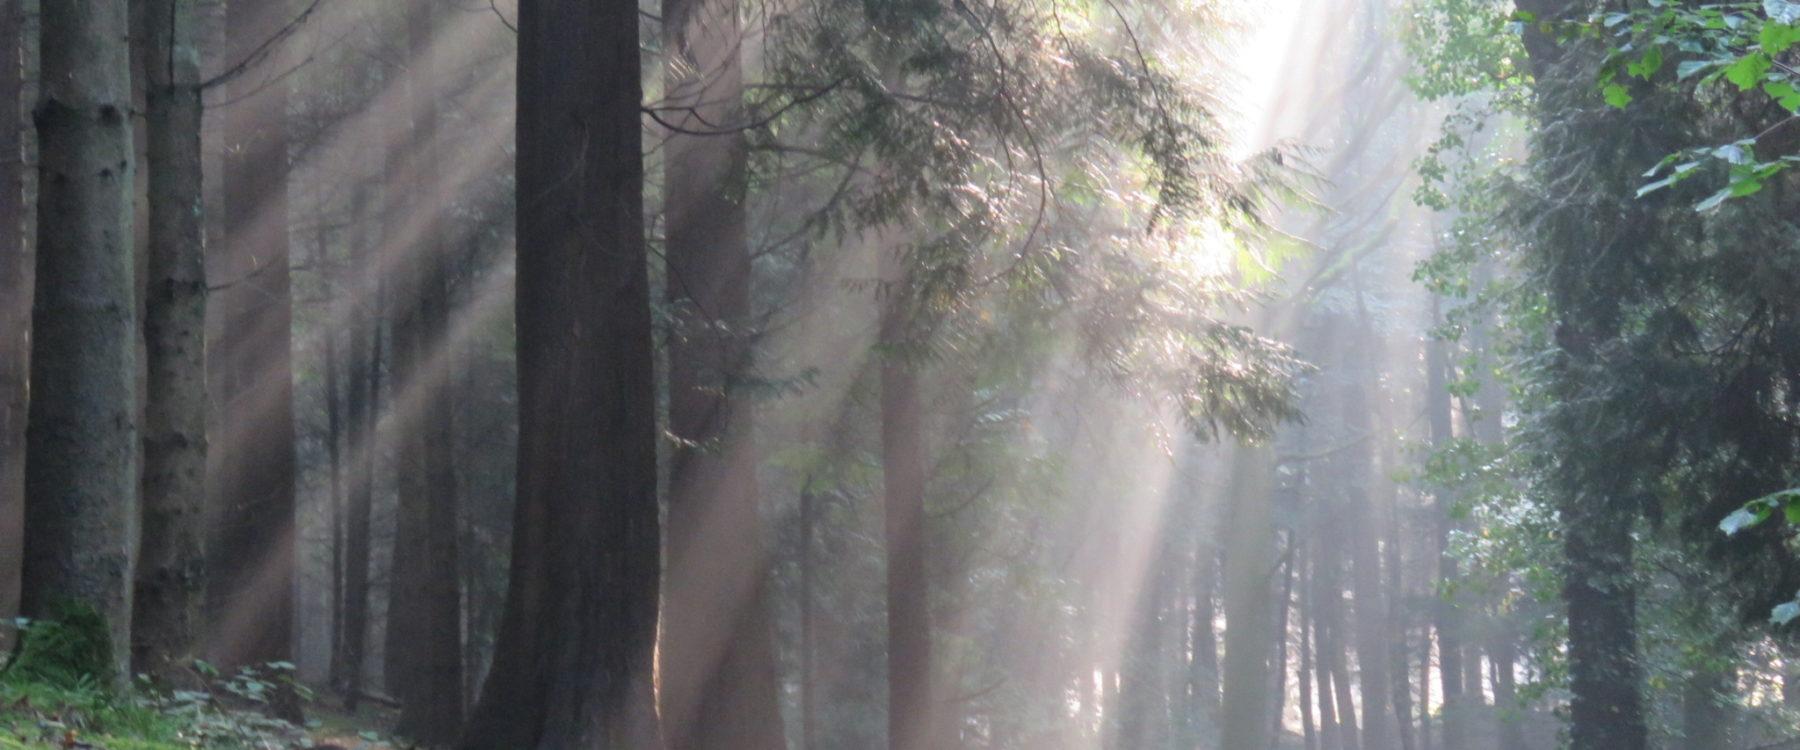 Oaker Wood